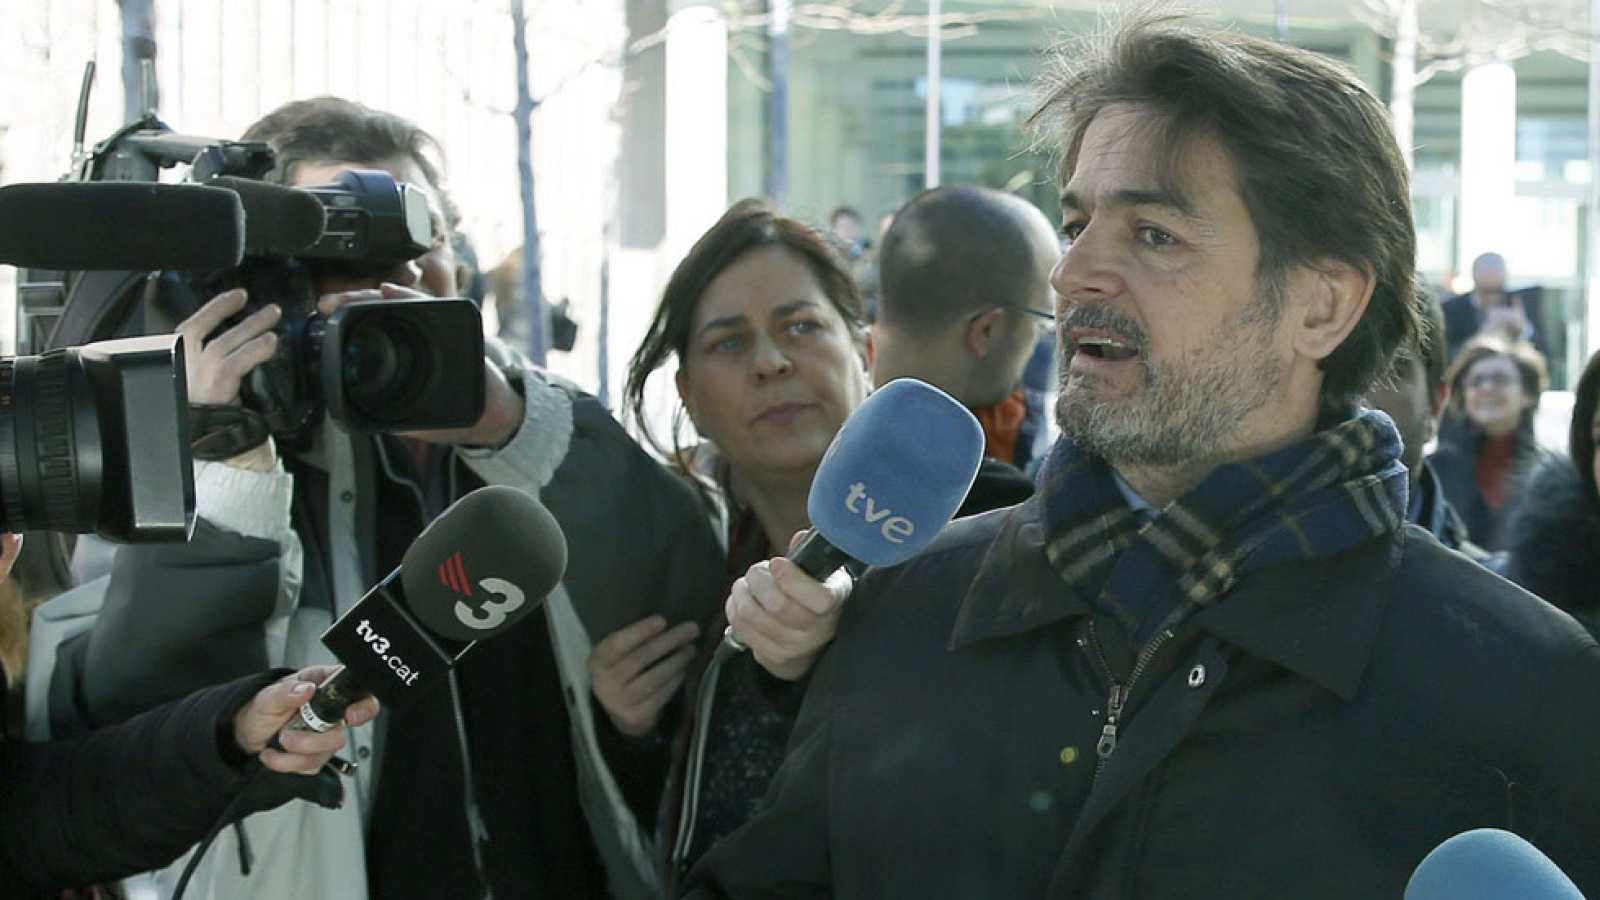 Oriol Pujol se niega a declarar ante la juez por presunto cohecho en una trama derivada de las ITV